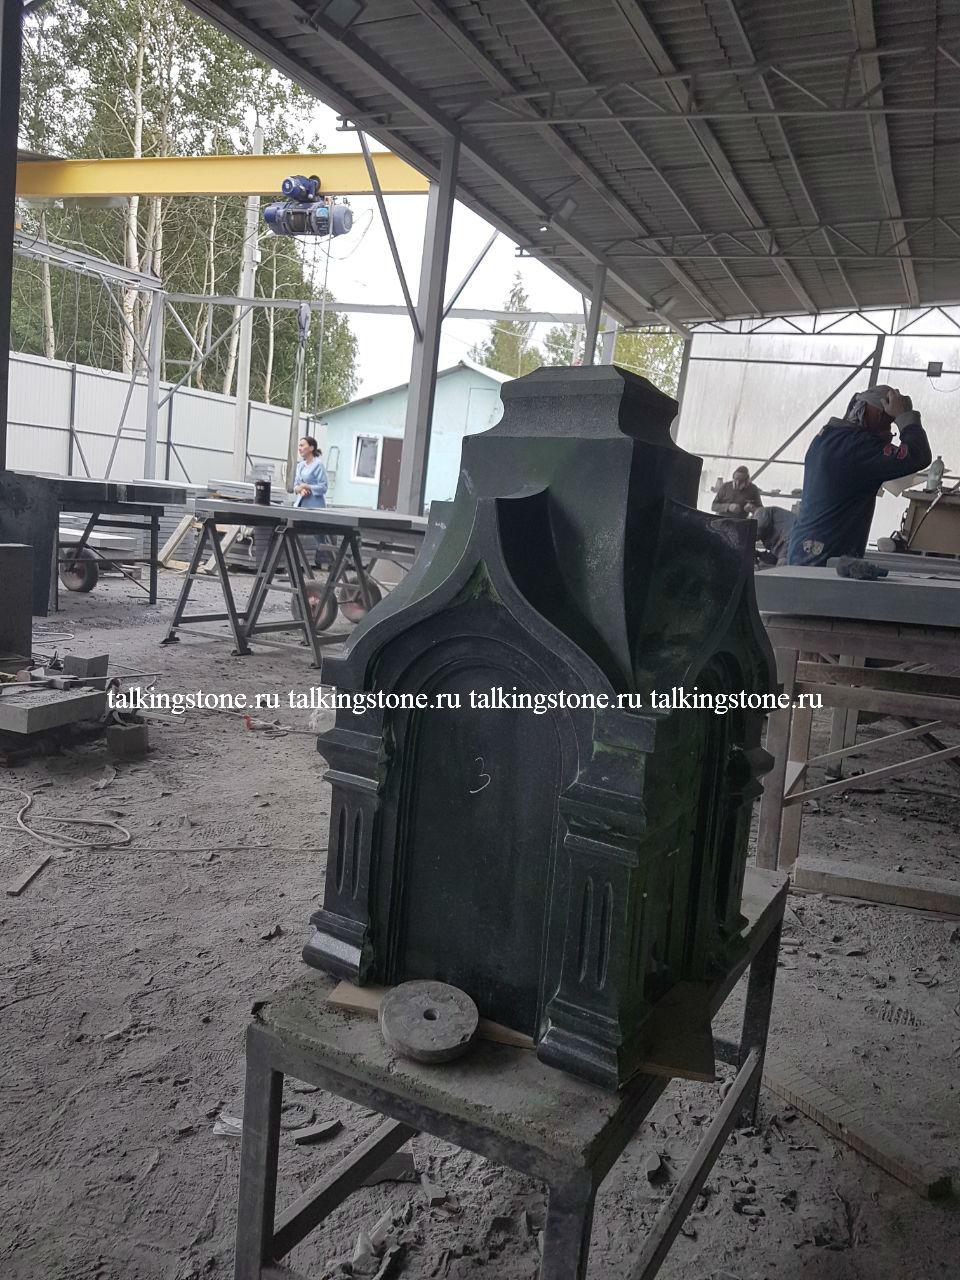 Каталог надгробных памятников